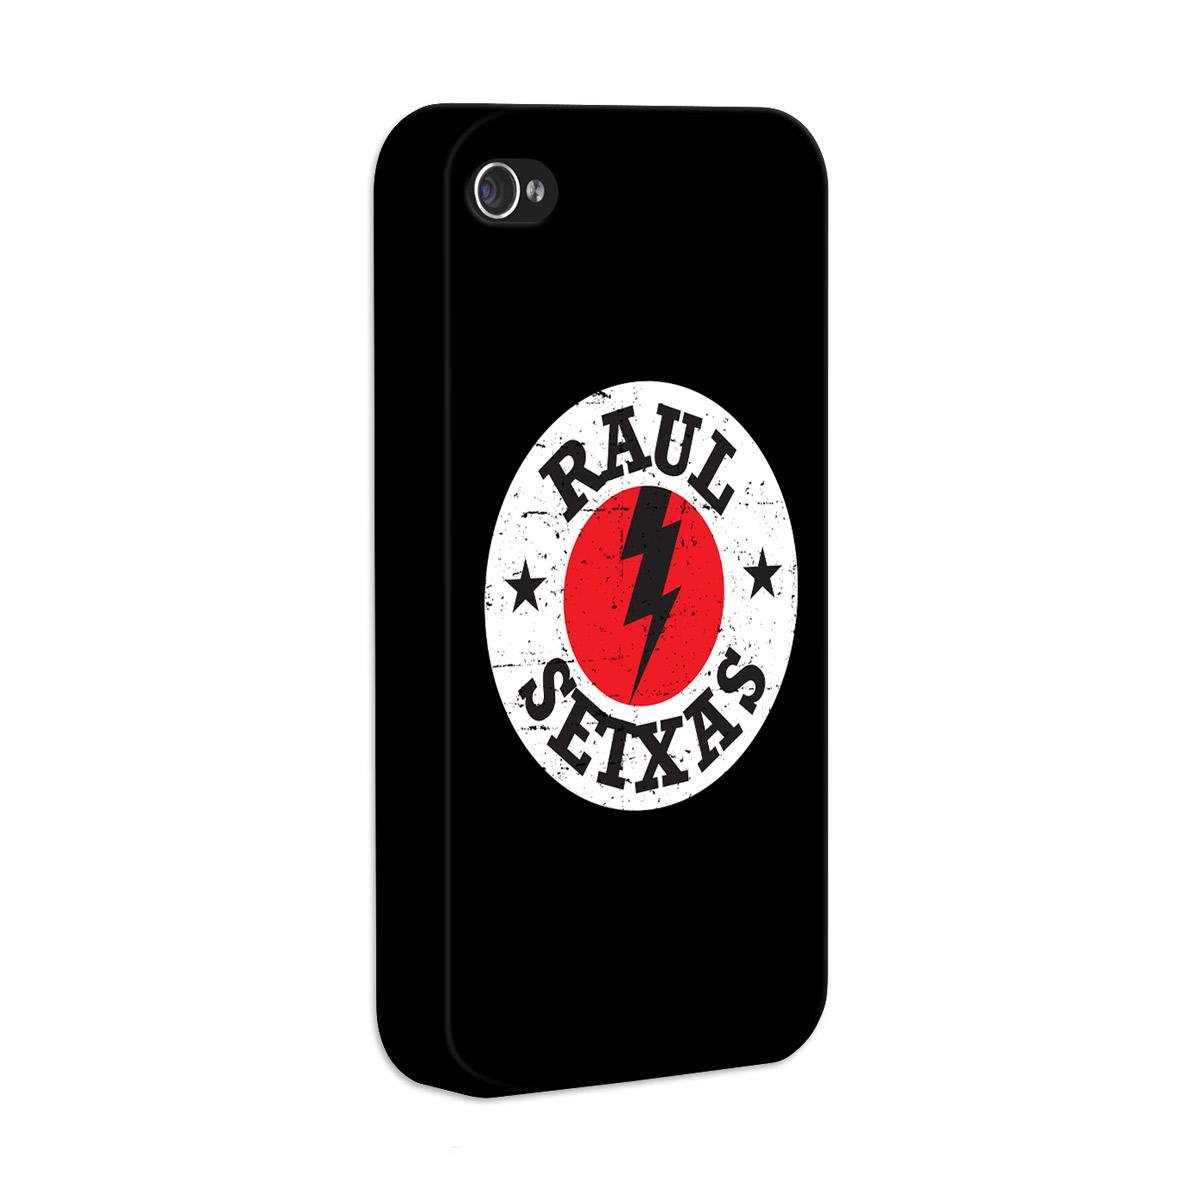 Capa de iPhone 4/4S Raul Seixas Logo de Raio